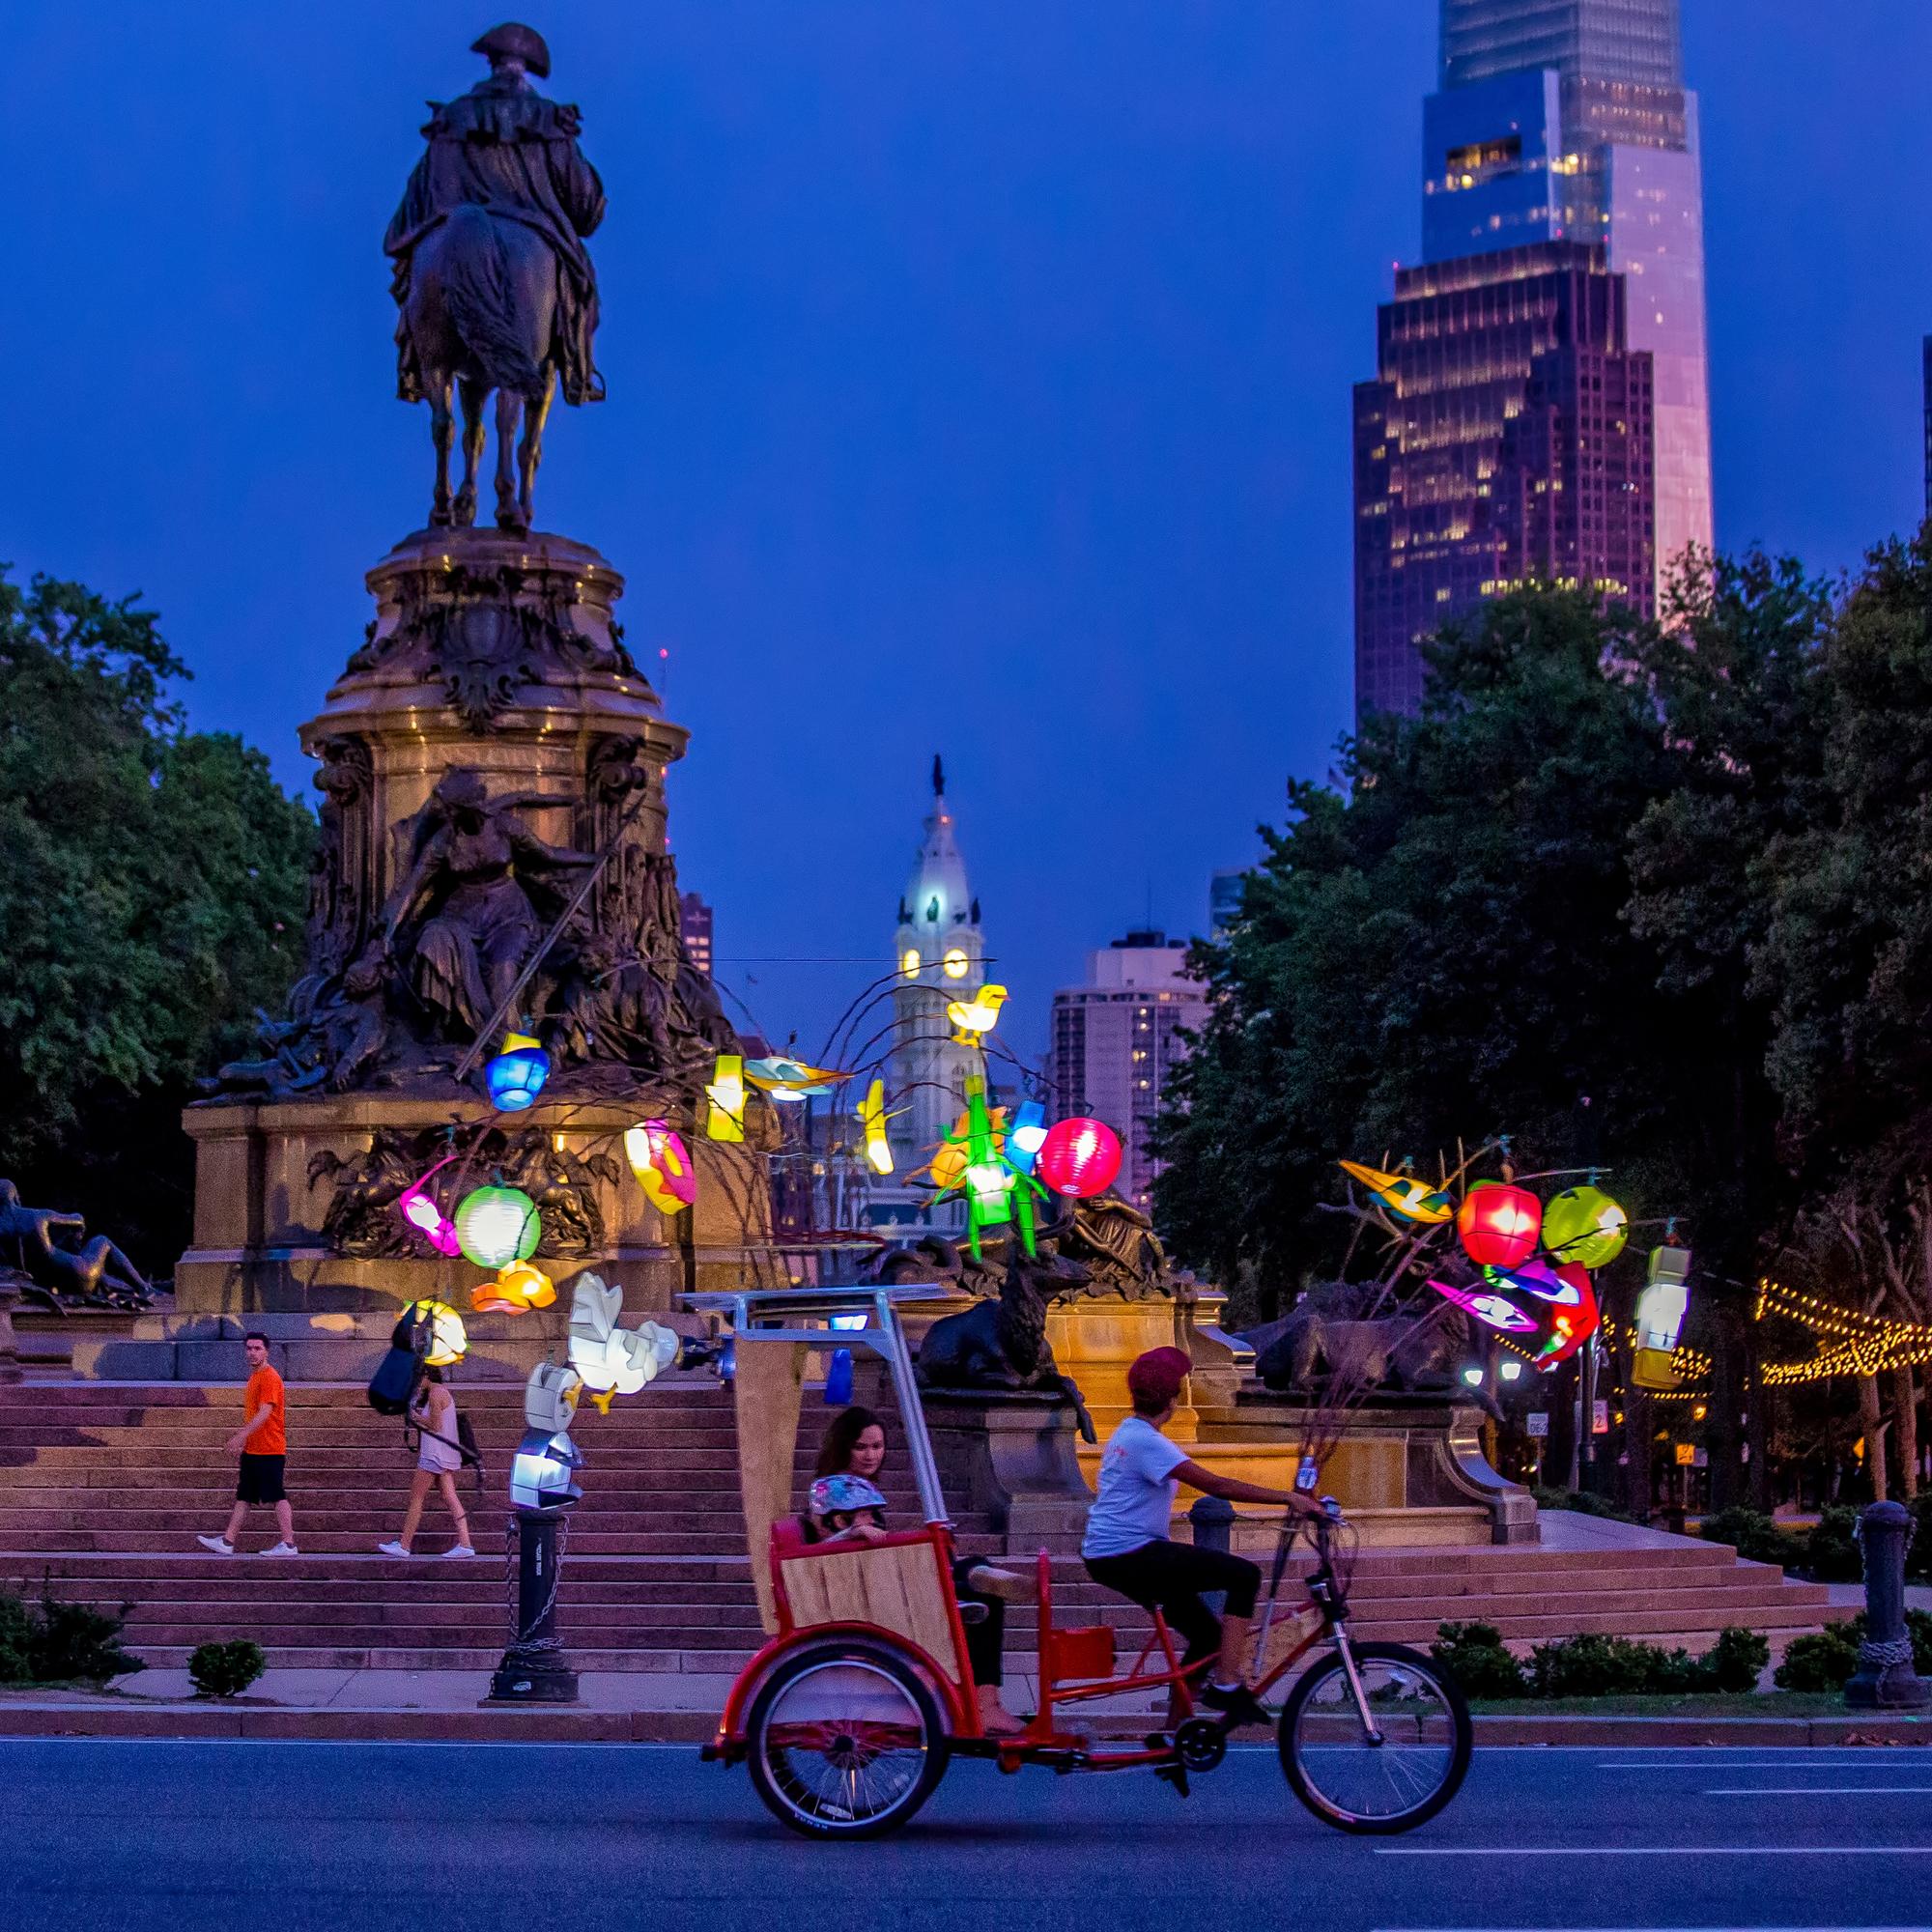 Cai Guo-Qiang Fireflies riding along the Parkway